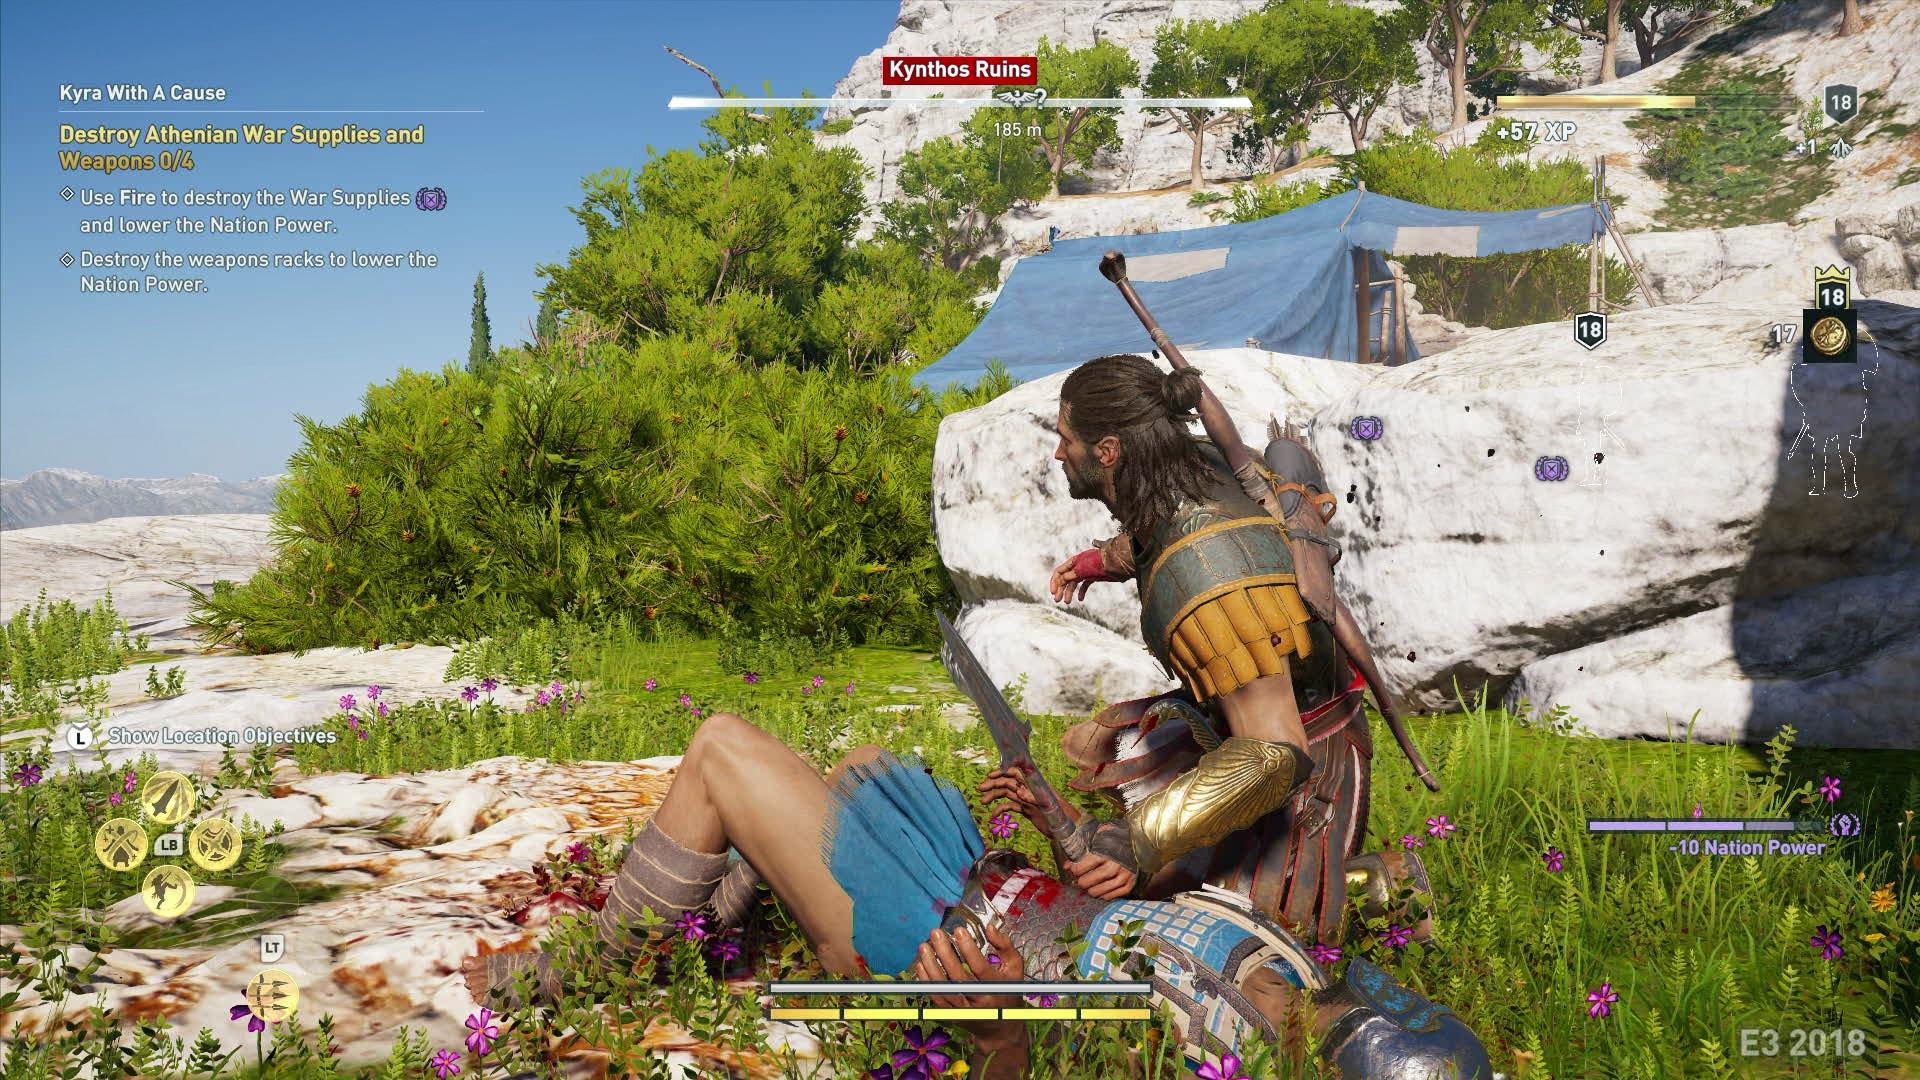 Bekijk nu de eerste beelden van Assassin's Creed Odyssey ...